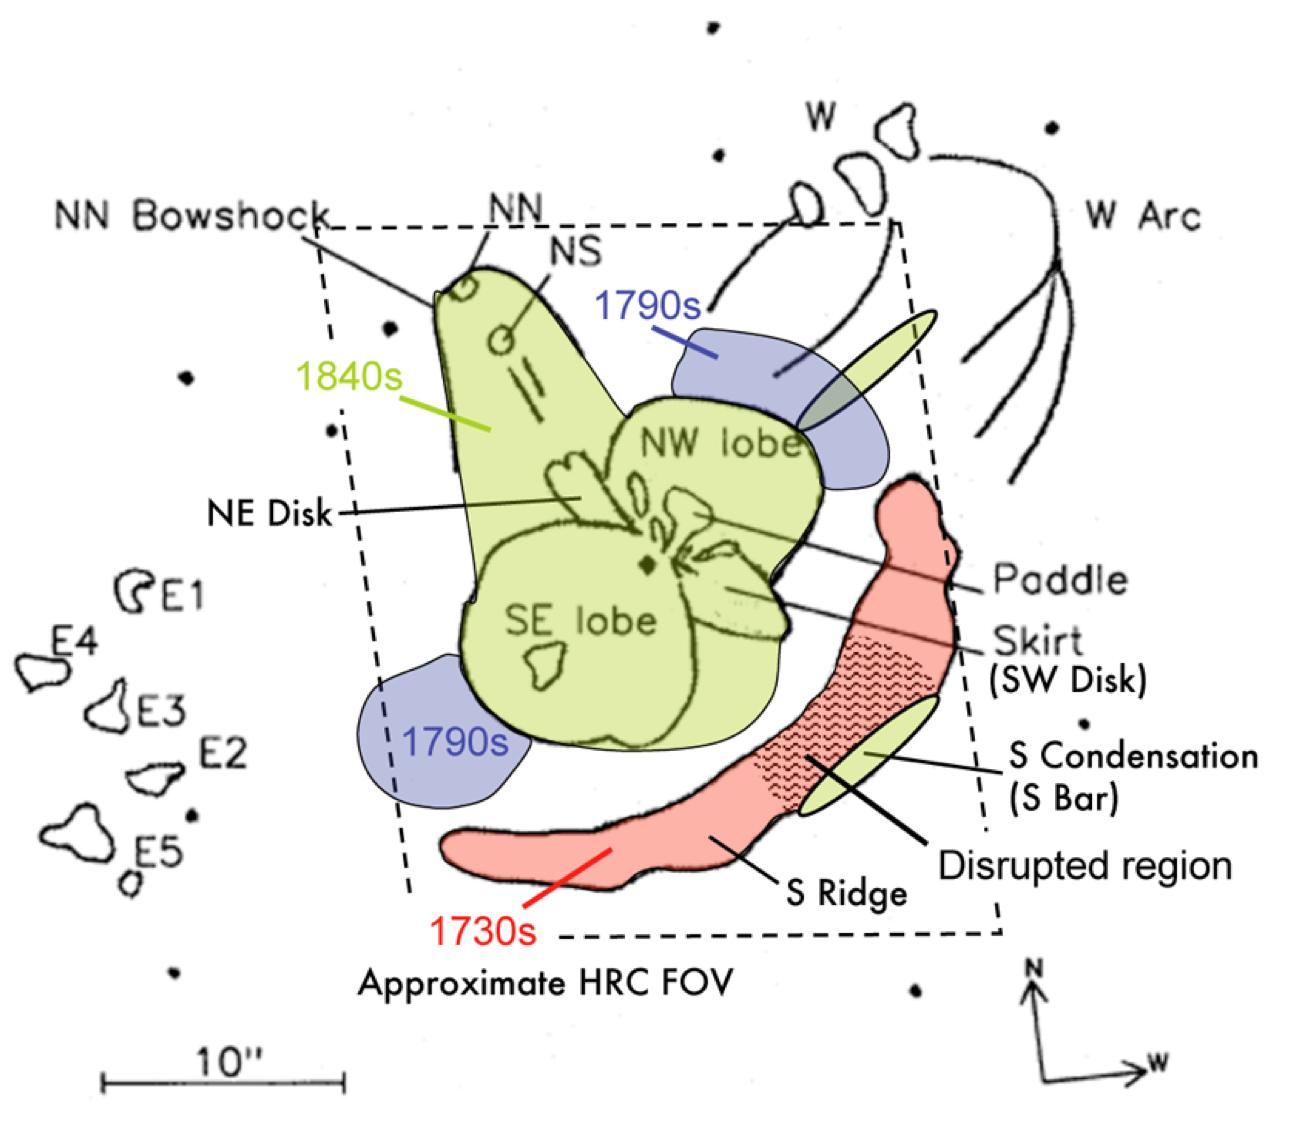 """Schema delle principali strutture dell'Homunculus e degli <i>outer ejecta</i>, indicate con le sigle usate nella letteratura scientifica su Eta Carinae e accompagnate dalle presunte date di espulsione. La regione colorata in verde indica i materiali espulsi secondo Dorland nel corso della Grande Eruzione. Il rombo tratteggiato evidenzia l'area coperta dal rilevatore HRC dello strumento ACS di Hubble, sulle cui immagini sono condotte buona parte delle analisi svolte da Dorland. <span class=""""di"""">Cortesia: Bryan Dorland, """"An astrometric analysis of eta Carinae's eruptive history using HST WFPC2 and ACS observations"""", 2007</span>"""